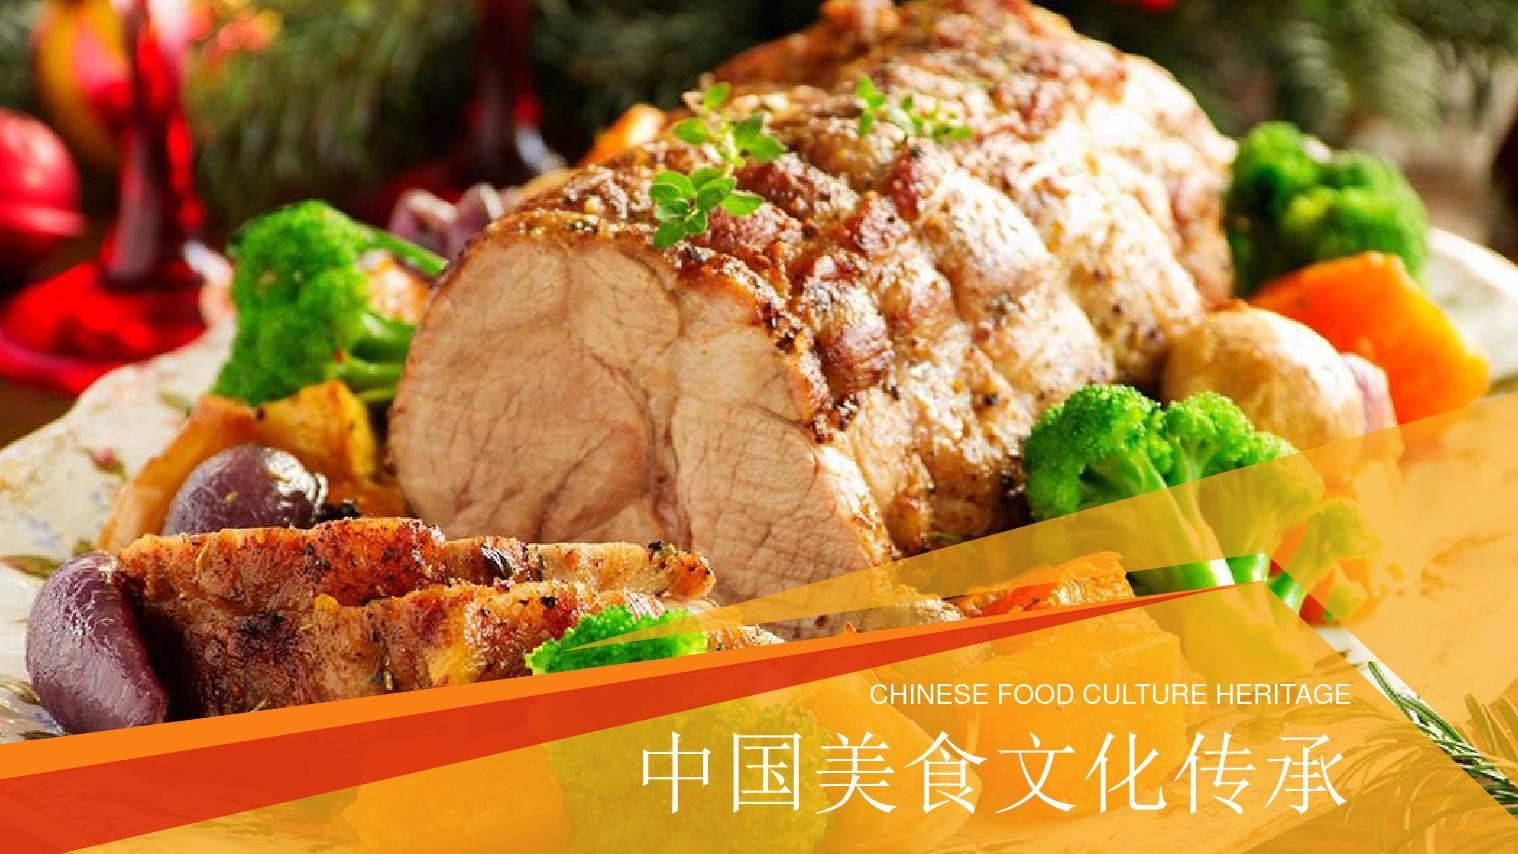 中国传统美食 中式茶餐厅ppt模板图片